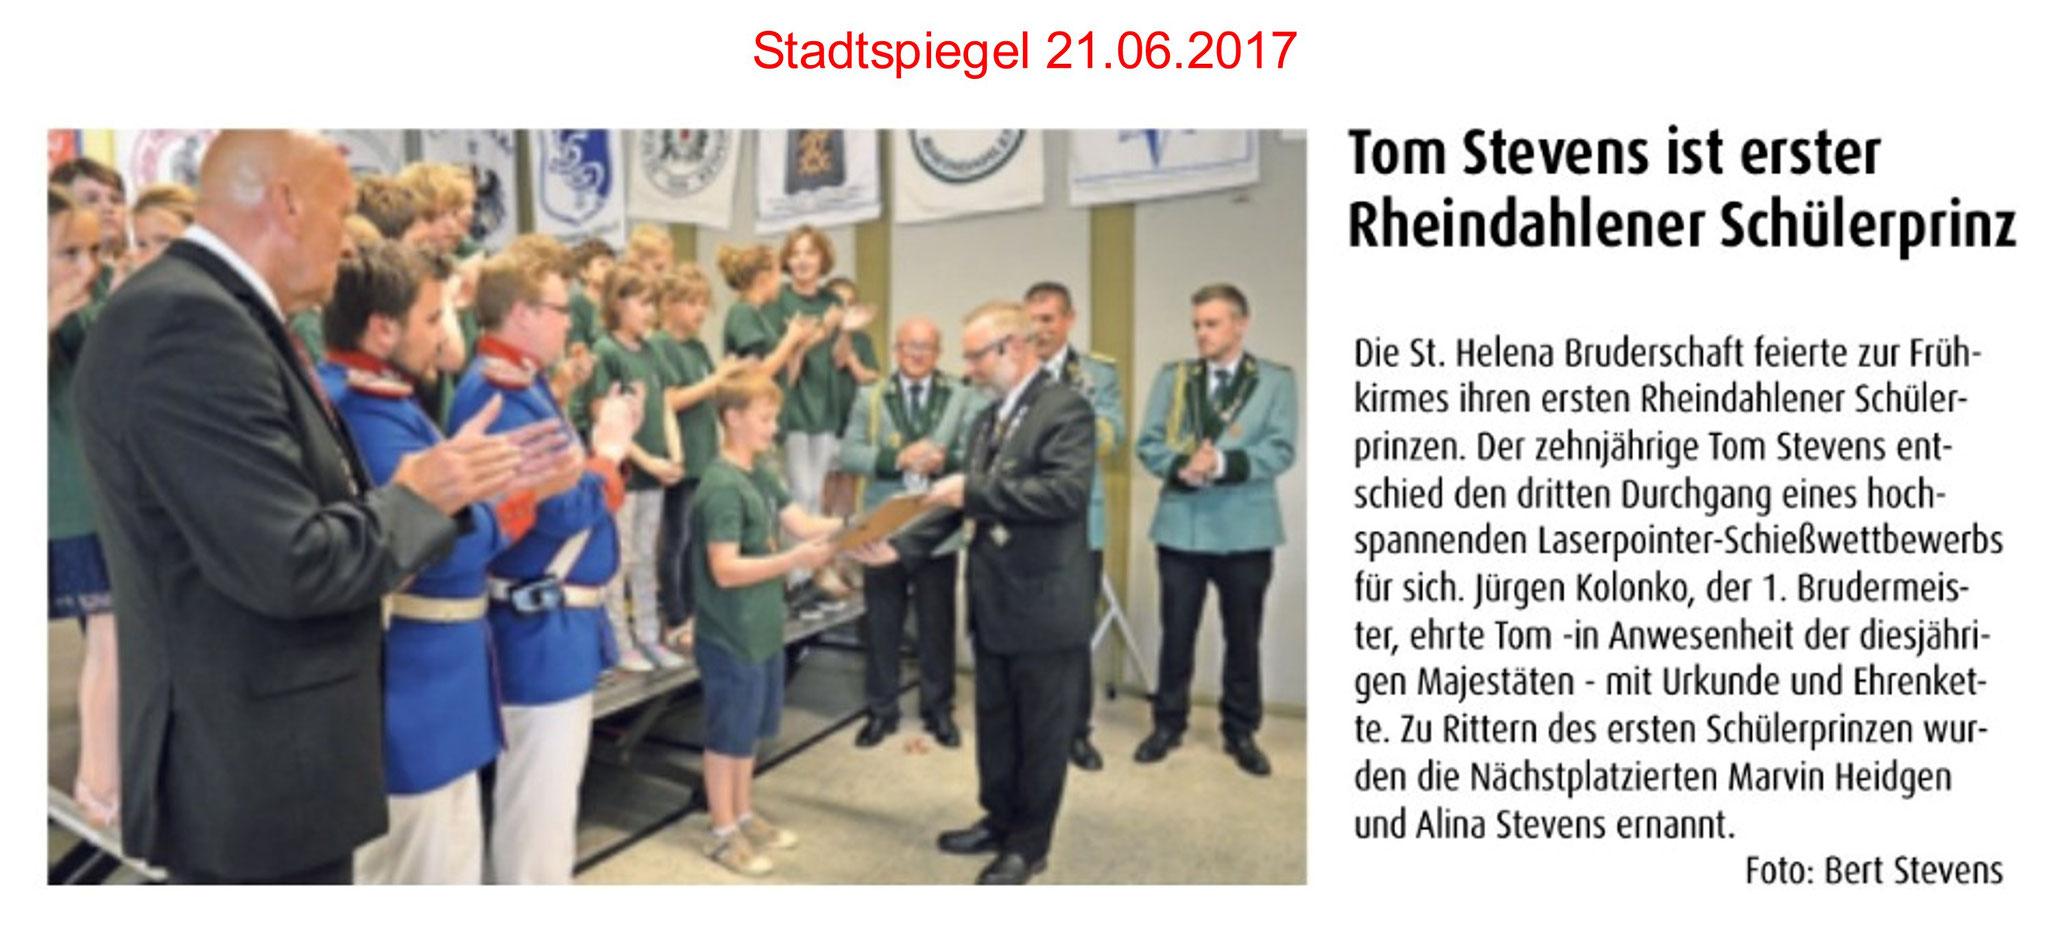 Stadtspiegel 21.06.2017